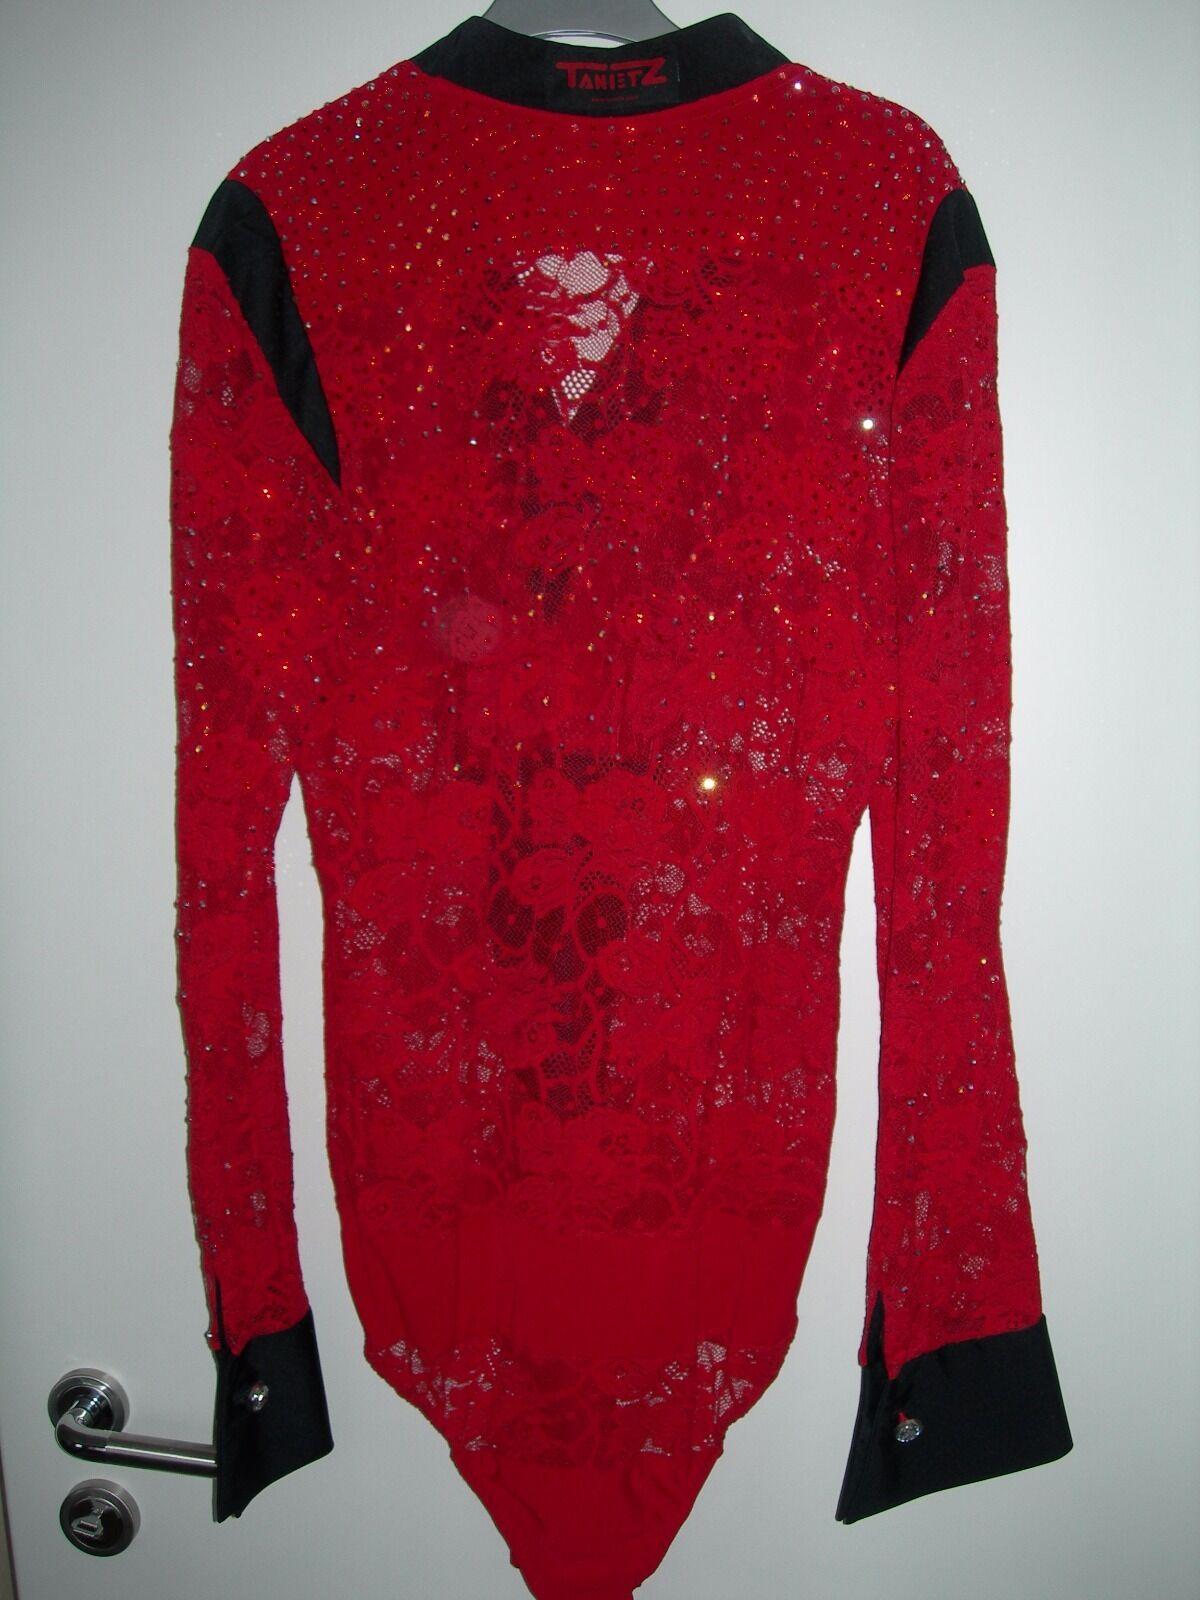 Tanz-Body rot aus Spitz-Stoff und Lycra Lycra Lycra mit Swarowski-Steine Gr.176-184 5be855